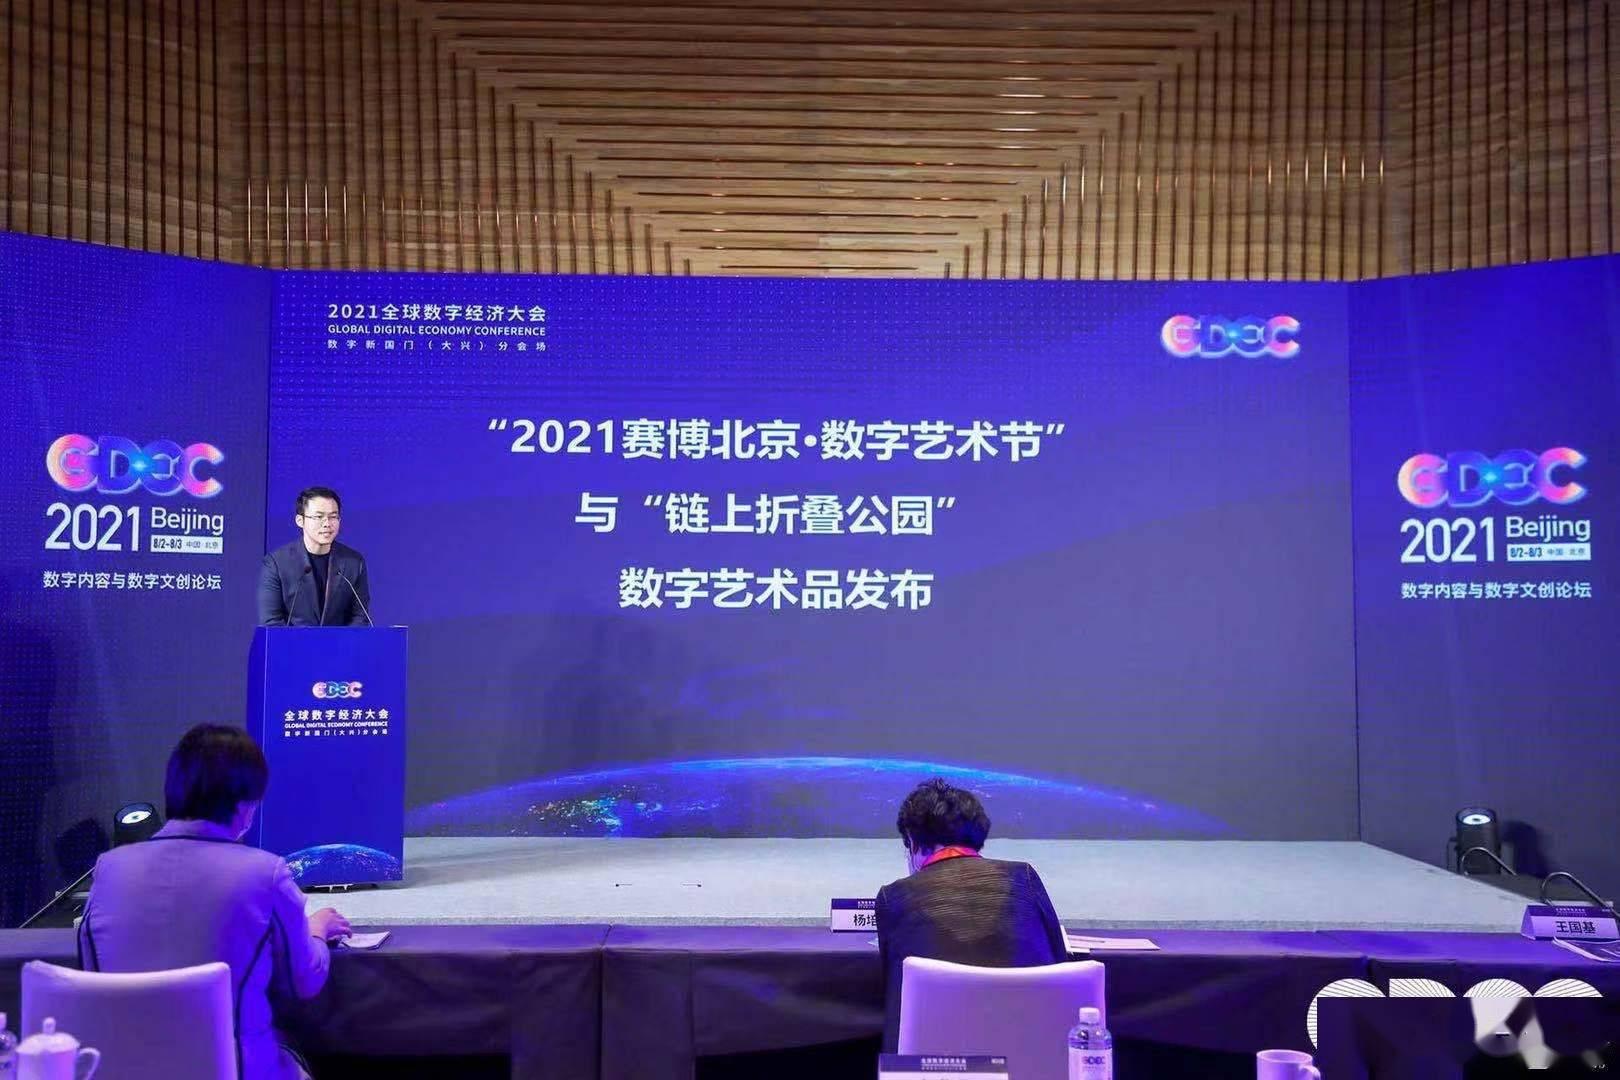 """钛媒体、链得得""""赛博北京•数字艺术节""""于2021全球数字经济大会重磅发布"""